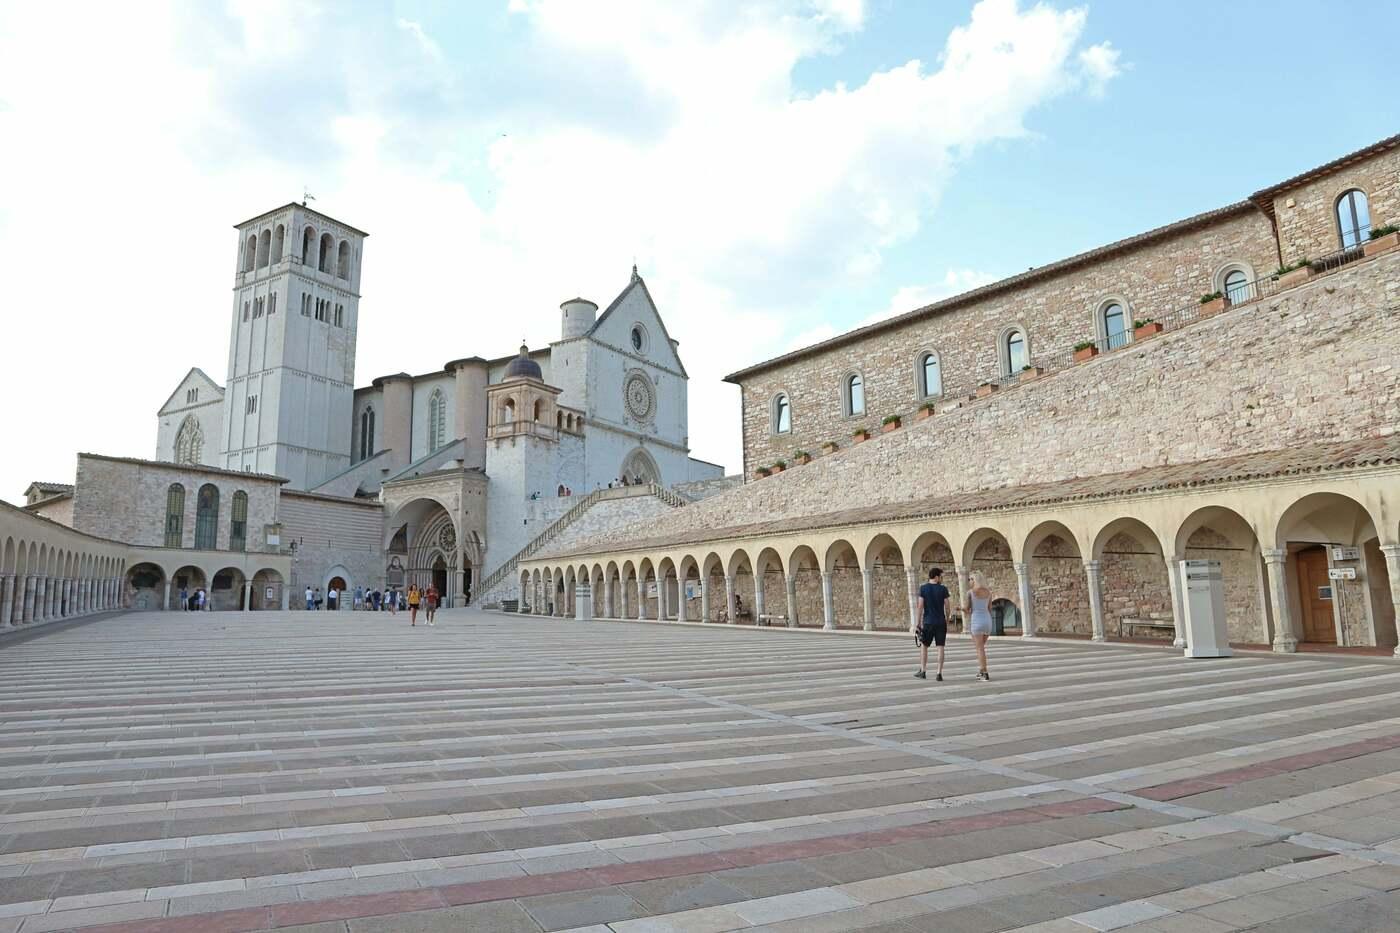 アッシジの聖フランチェスコ聖堂